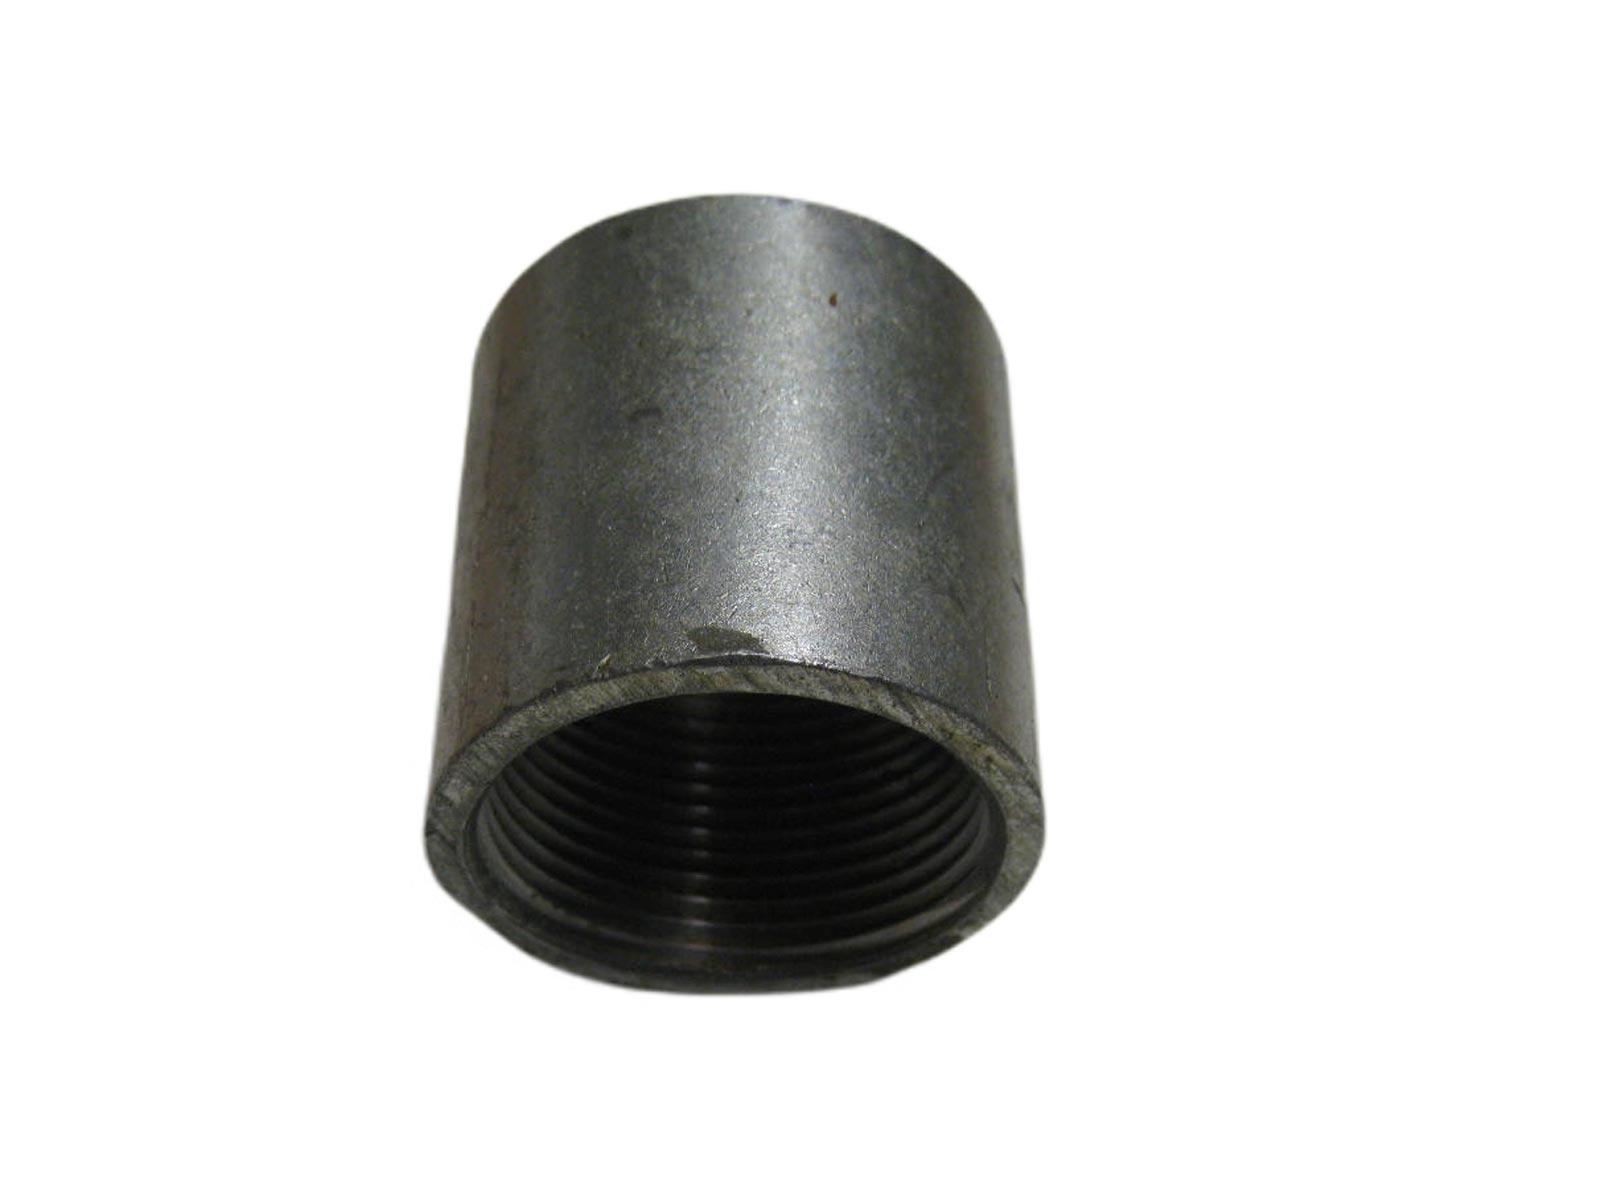 Muffe für Rammfilter 1 1/2 zoll Stahl